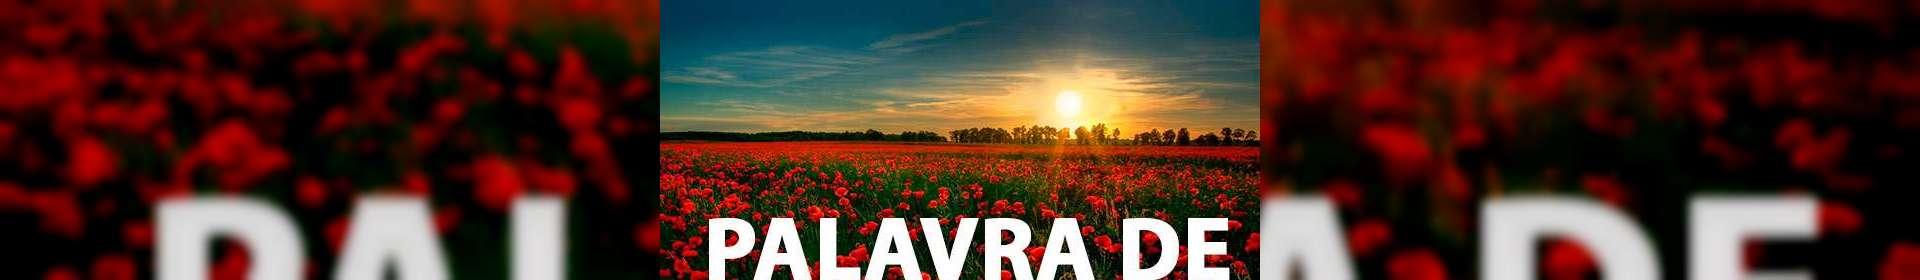 Isaías 1:18  - Uma Palavra de Esperança para sua vida